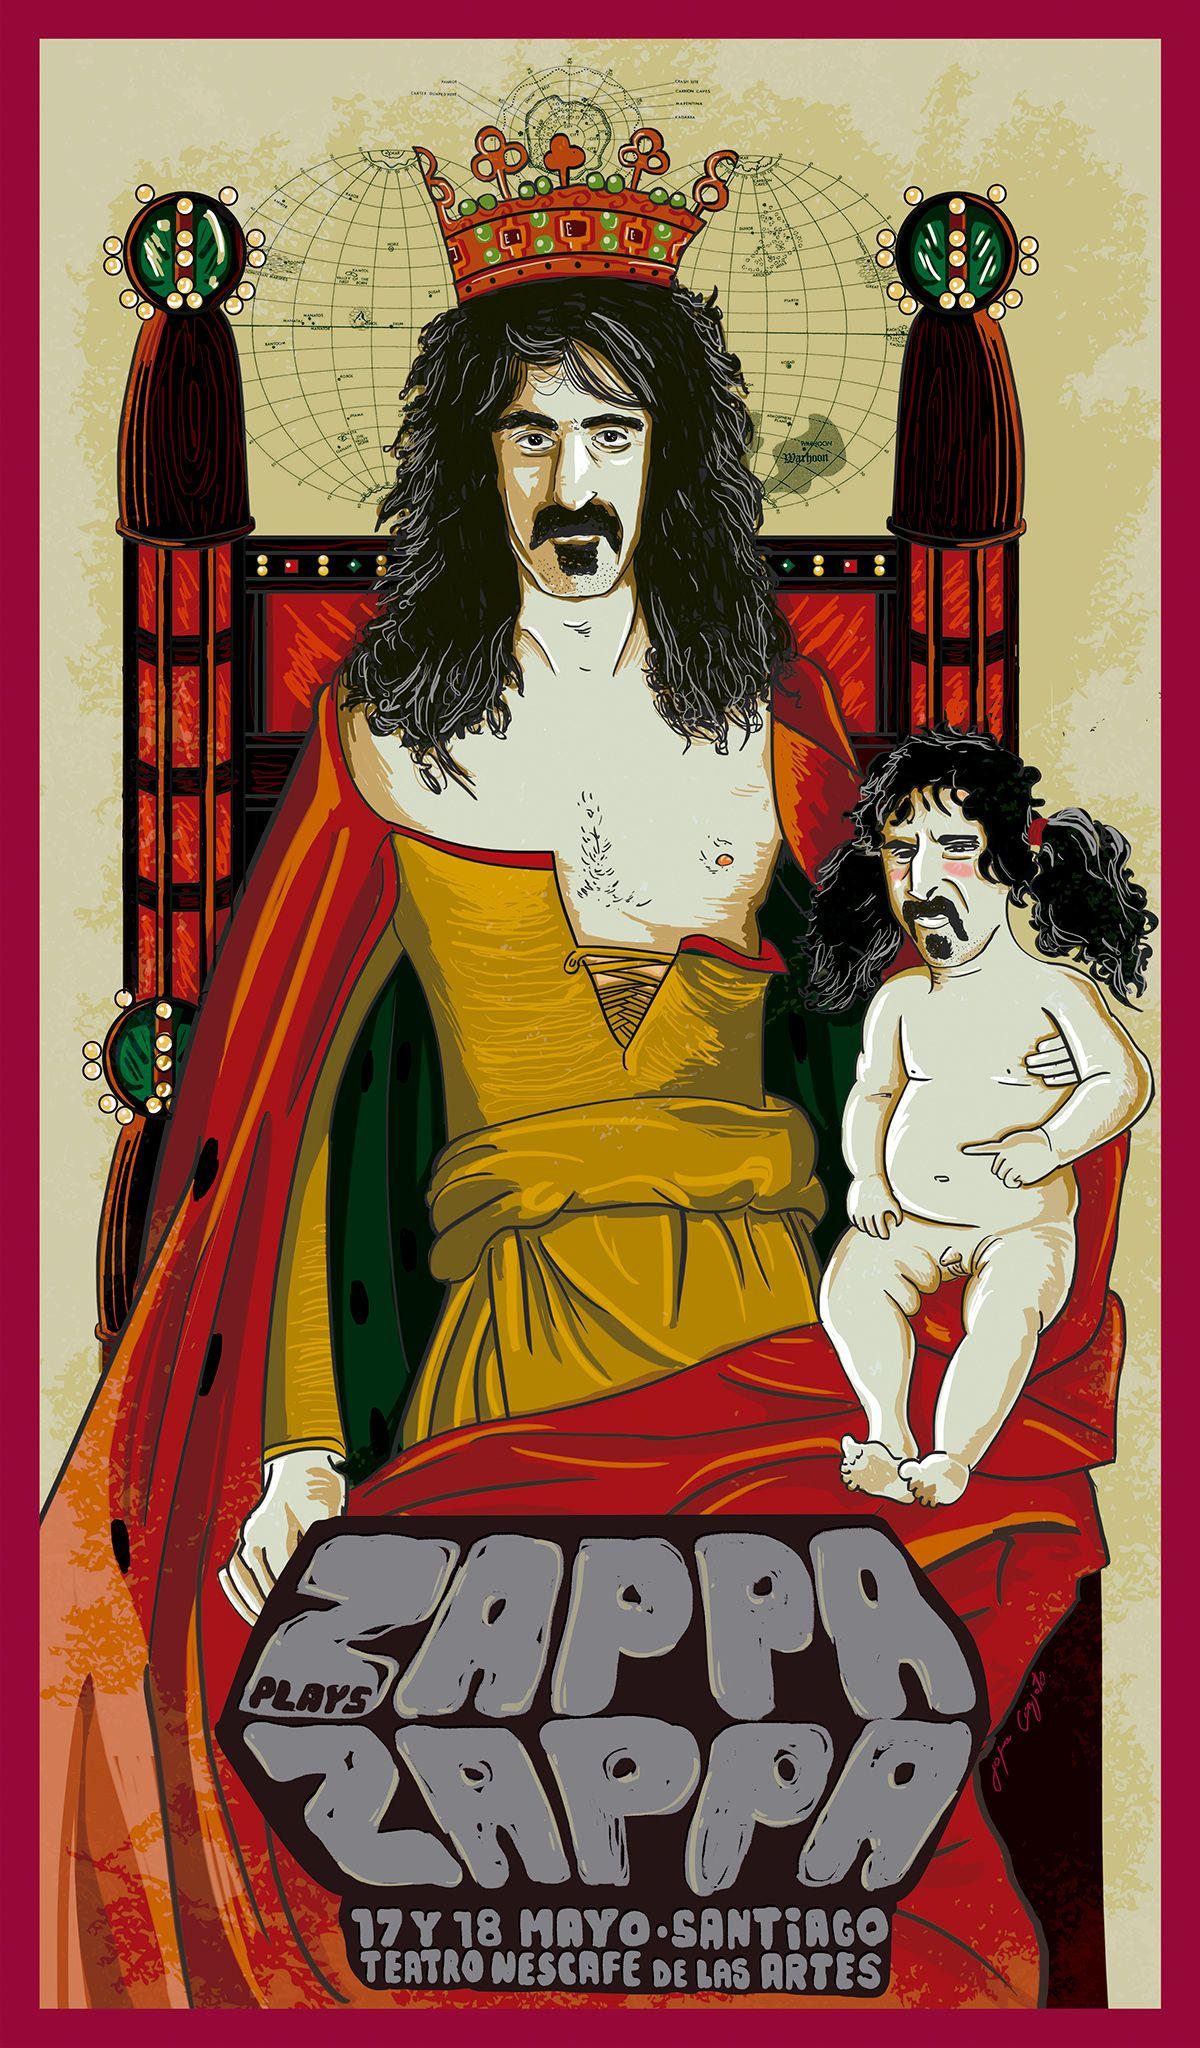 ZAPPA plays ZAPPA - Po-Jama Gig Poster on Jofre Conjota Behance